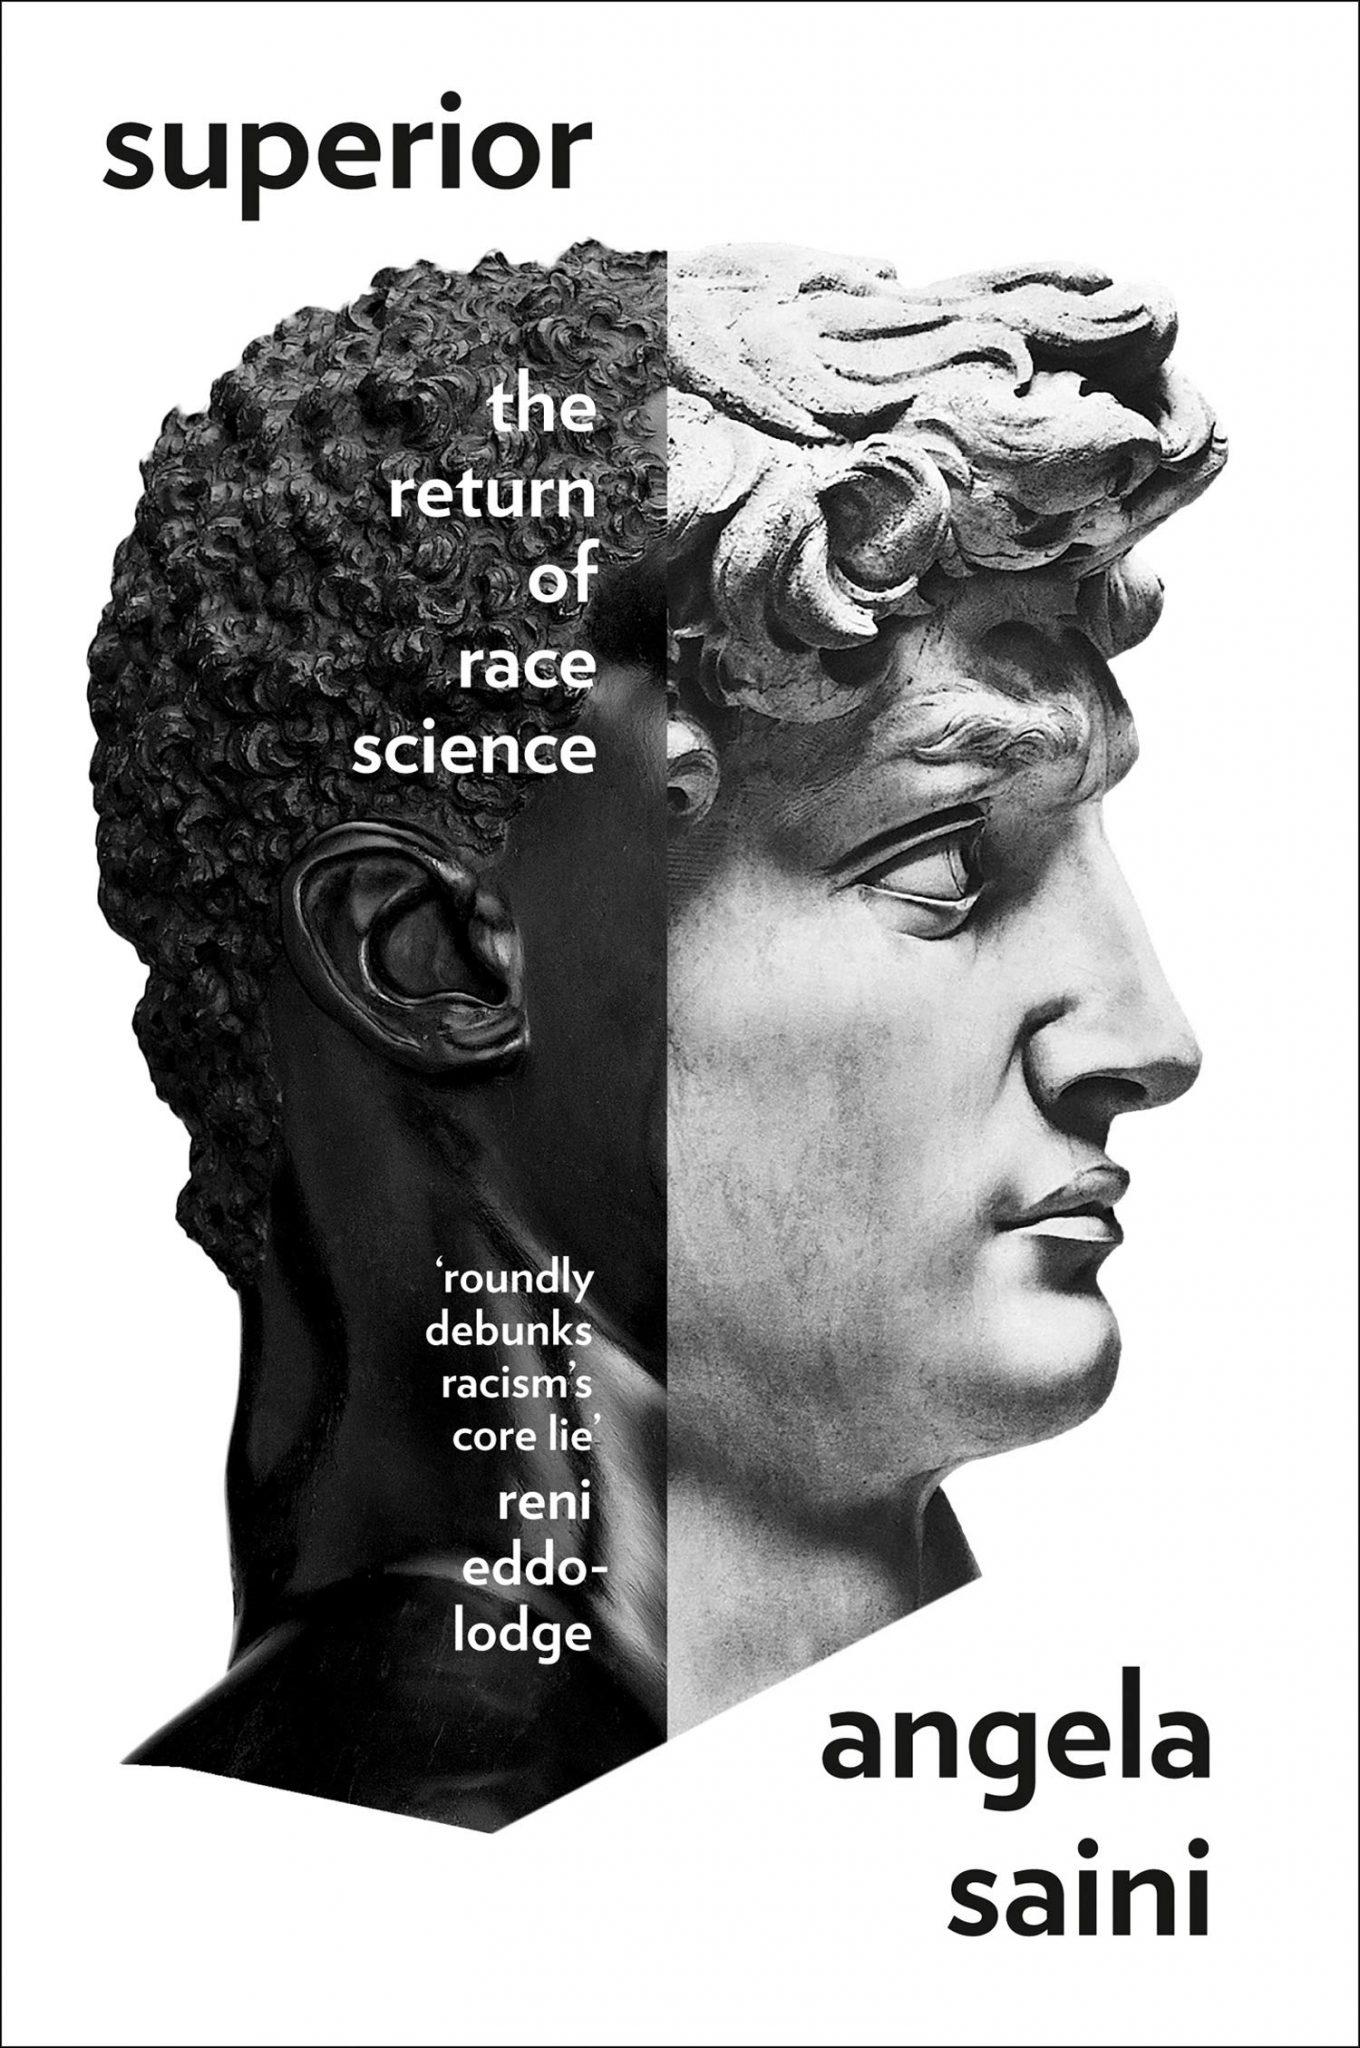 عودة علم العرق